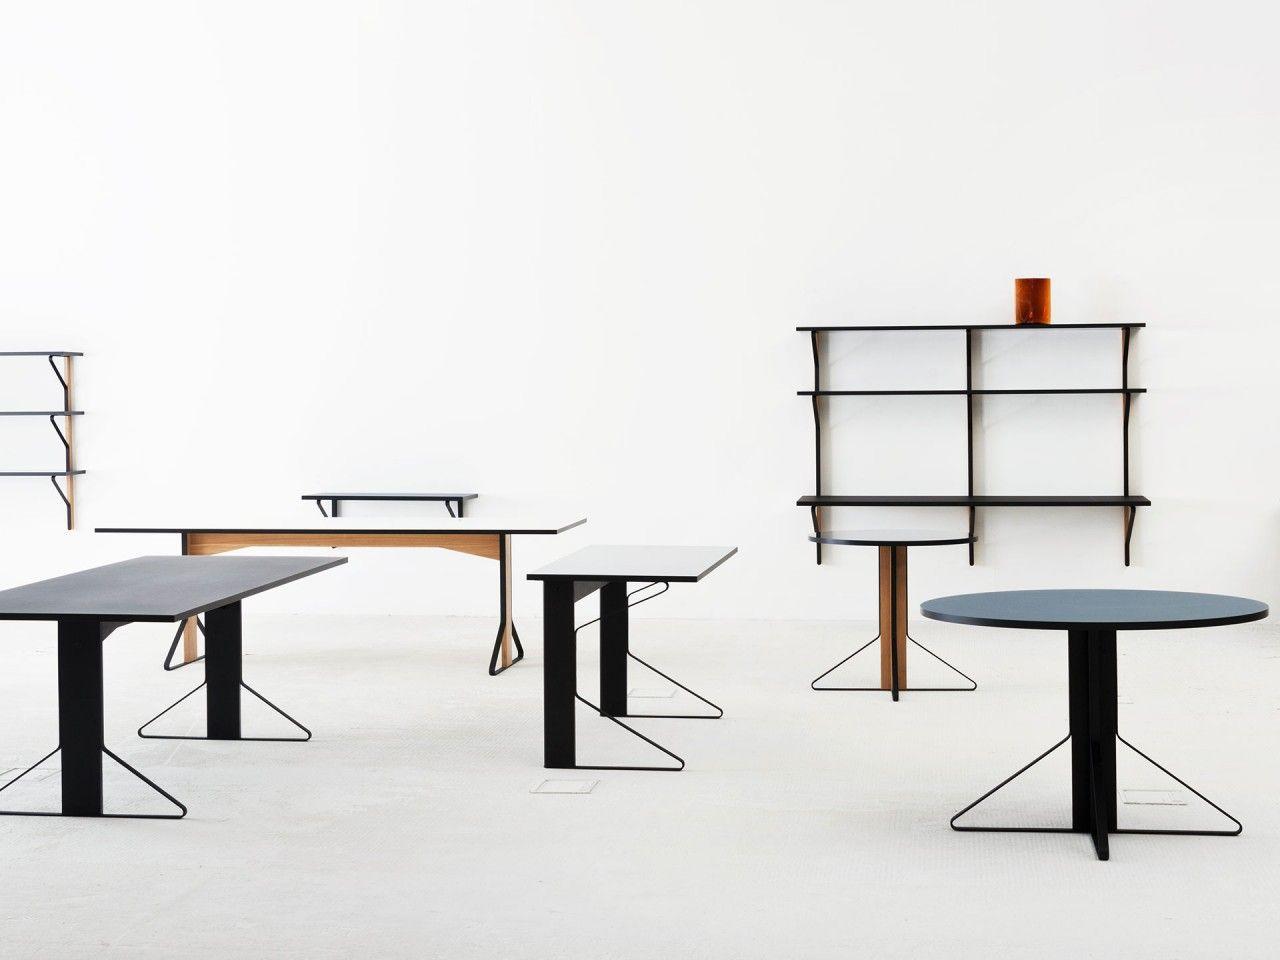 Pin De Adeline Le Toux Em Design Editors Ideias Para Interiores Colecao De Moveis Design De Moveis